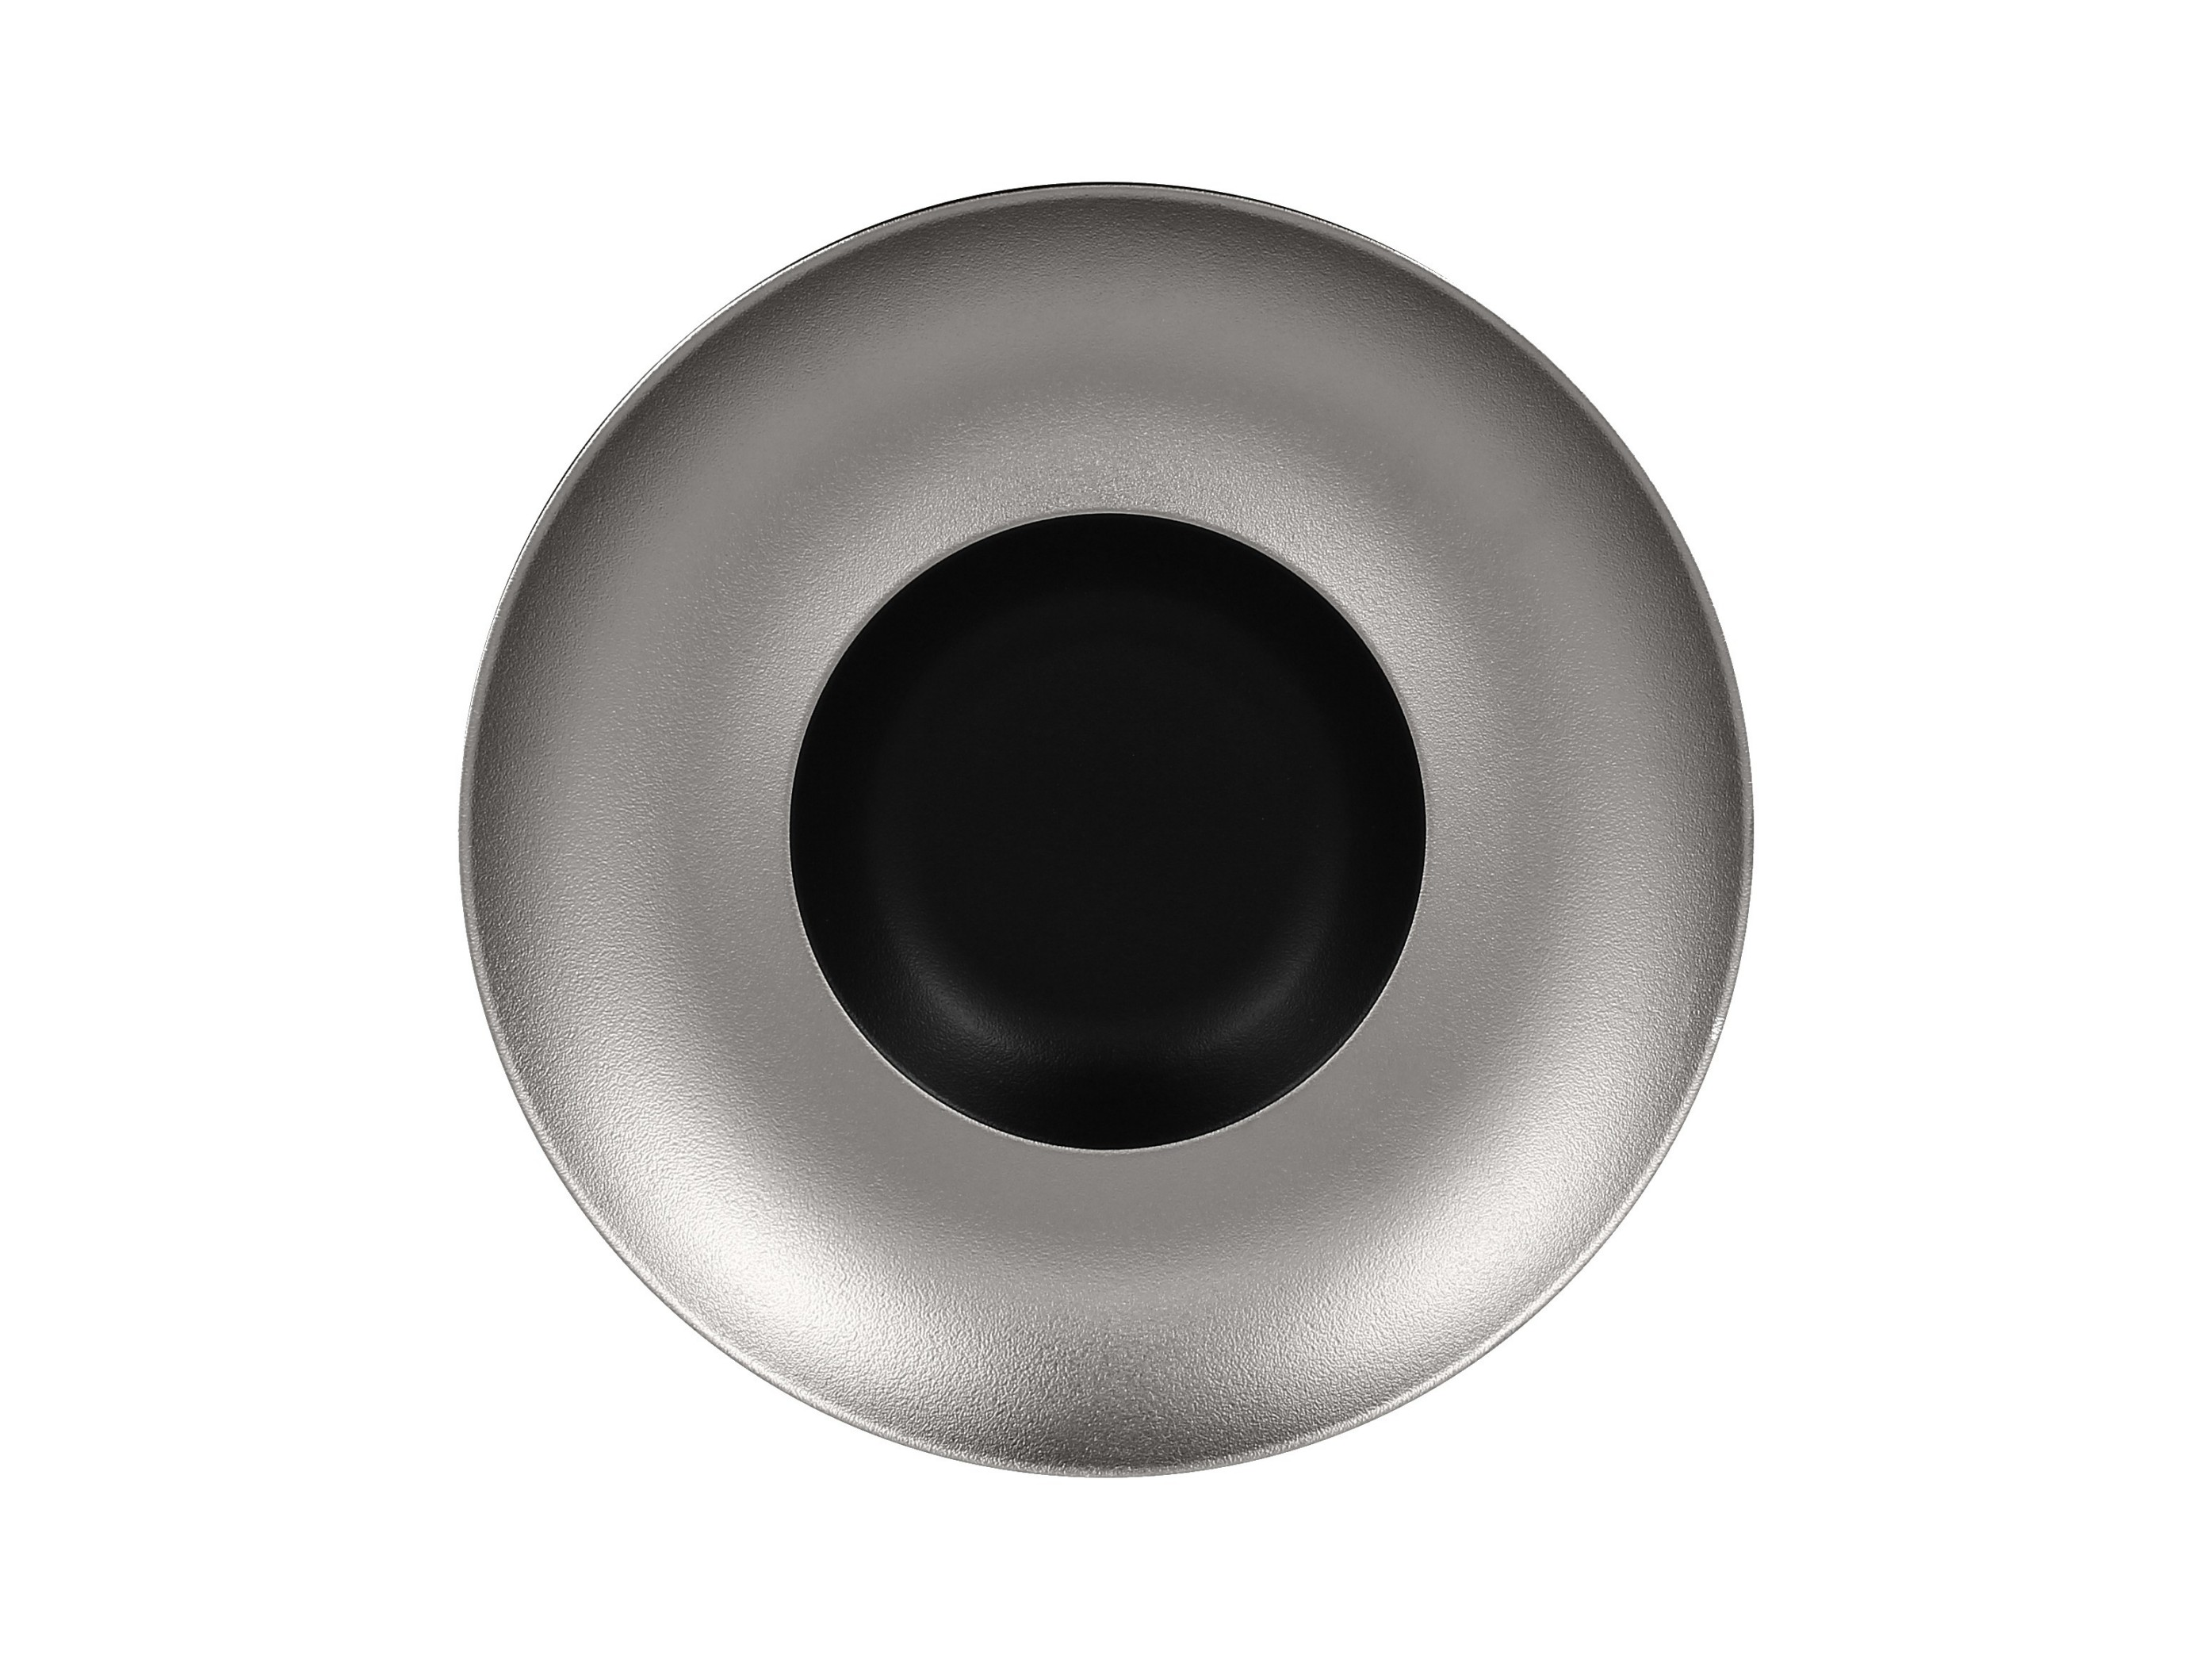 RAK | Metalfusion talíř hluboký Gourmet pr. 29 cm, černo-stříbrný